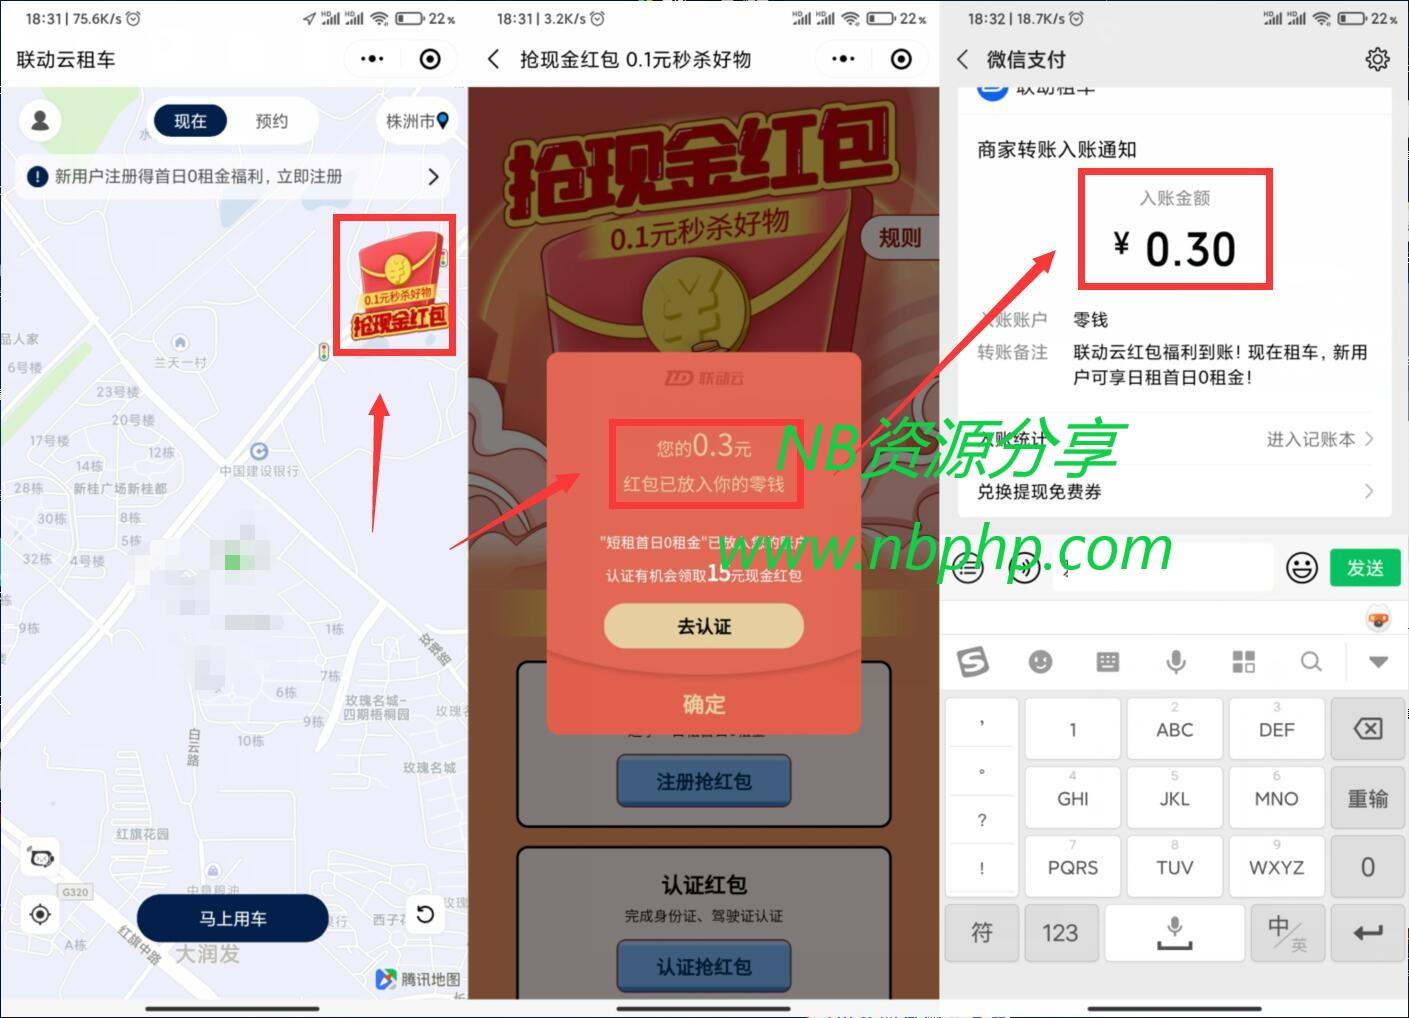 联动云新用户0.30微信红包